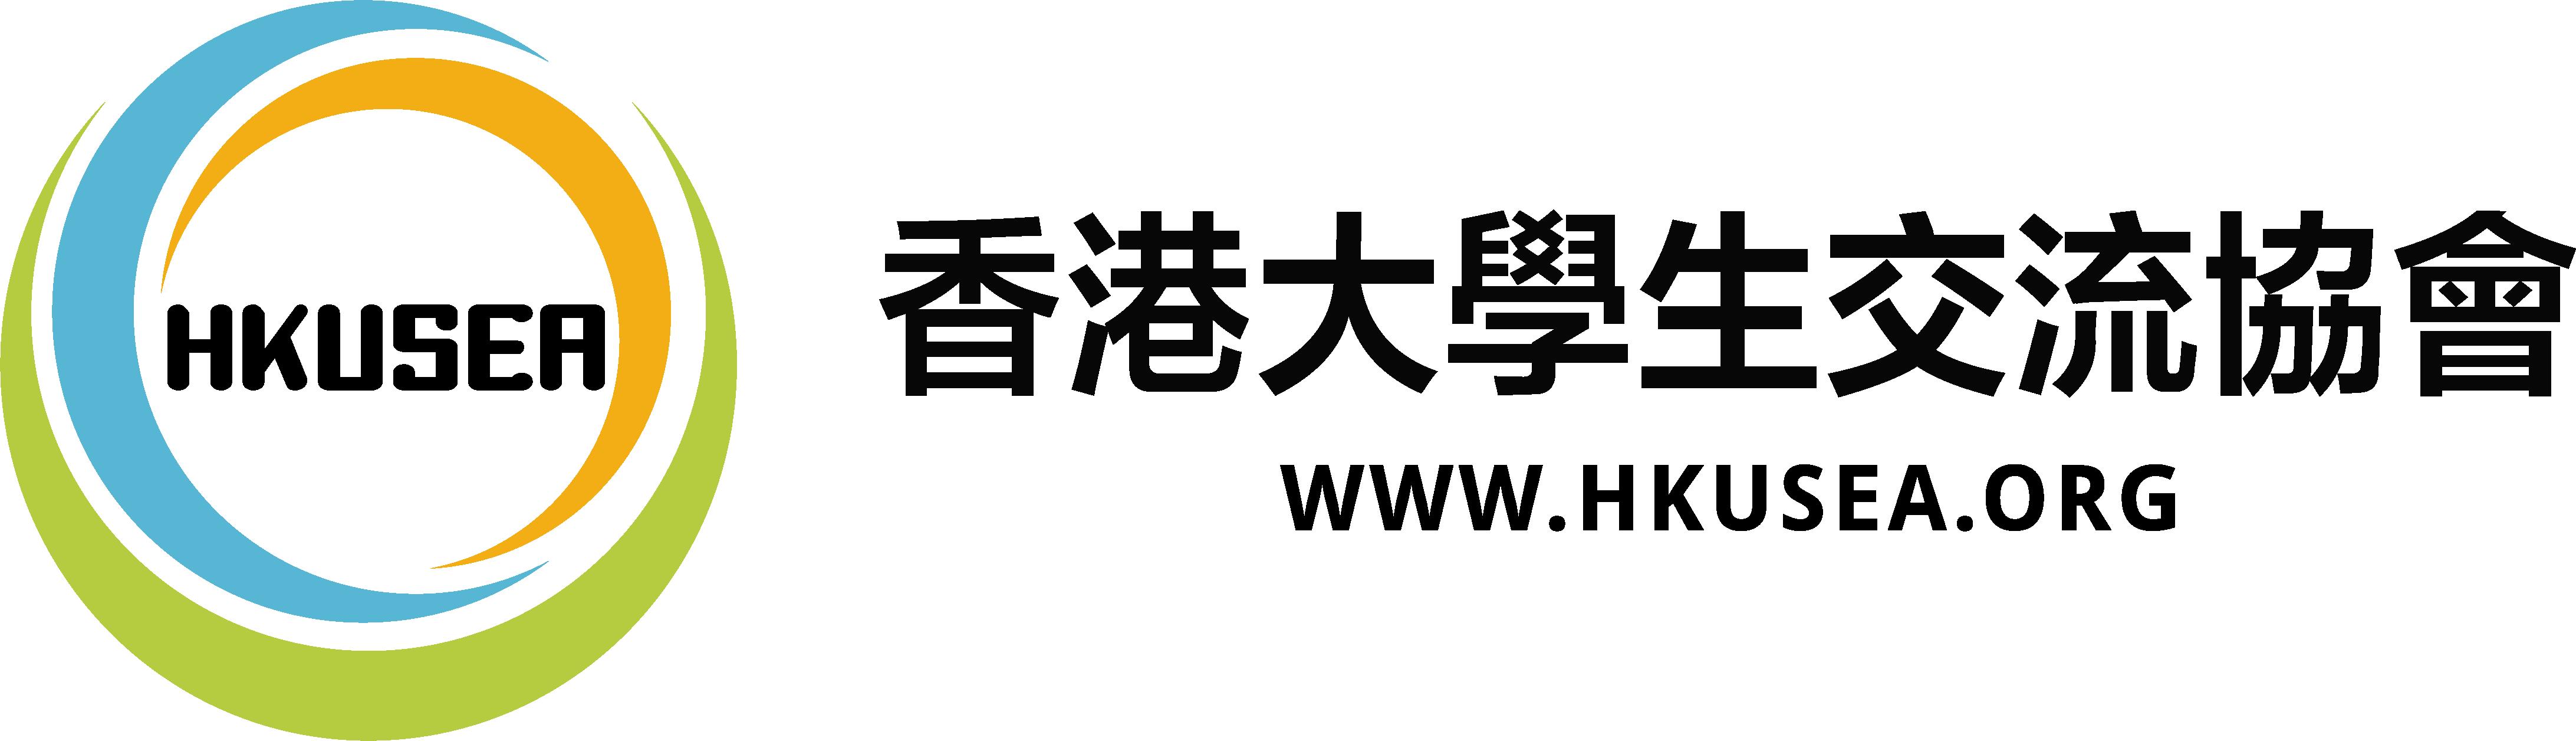 香港大学生交流协会